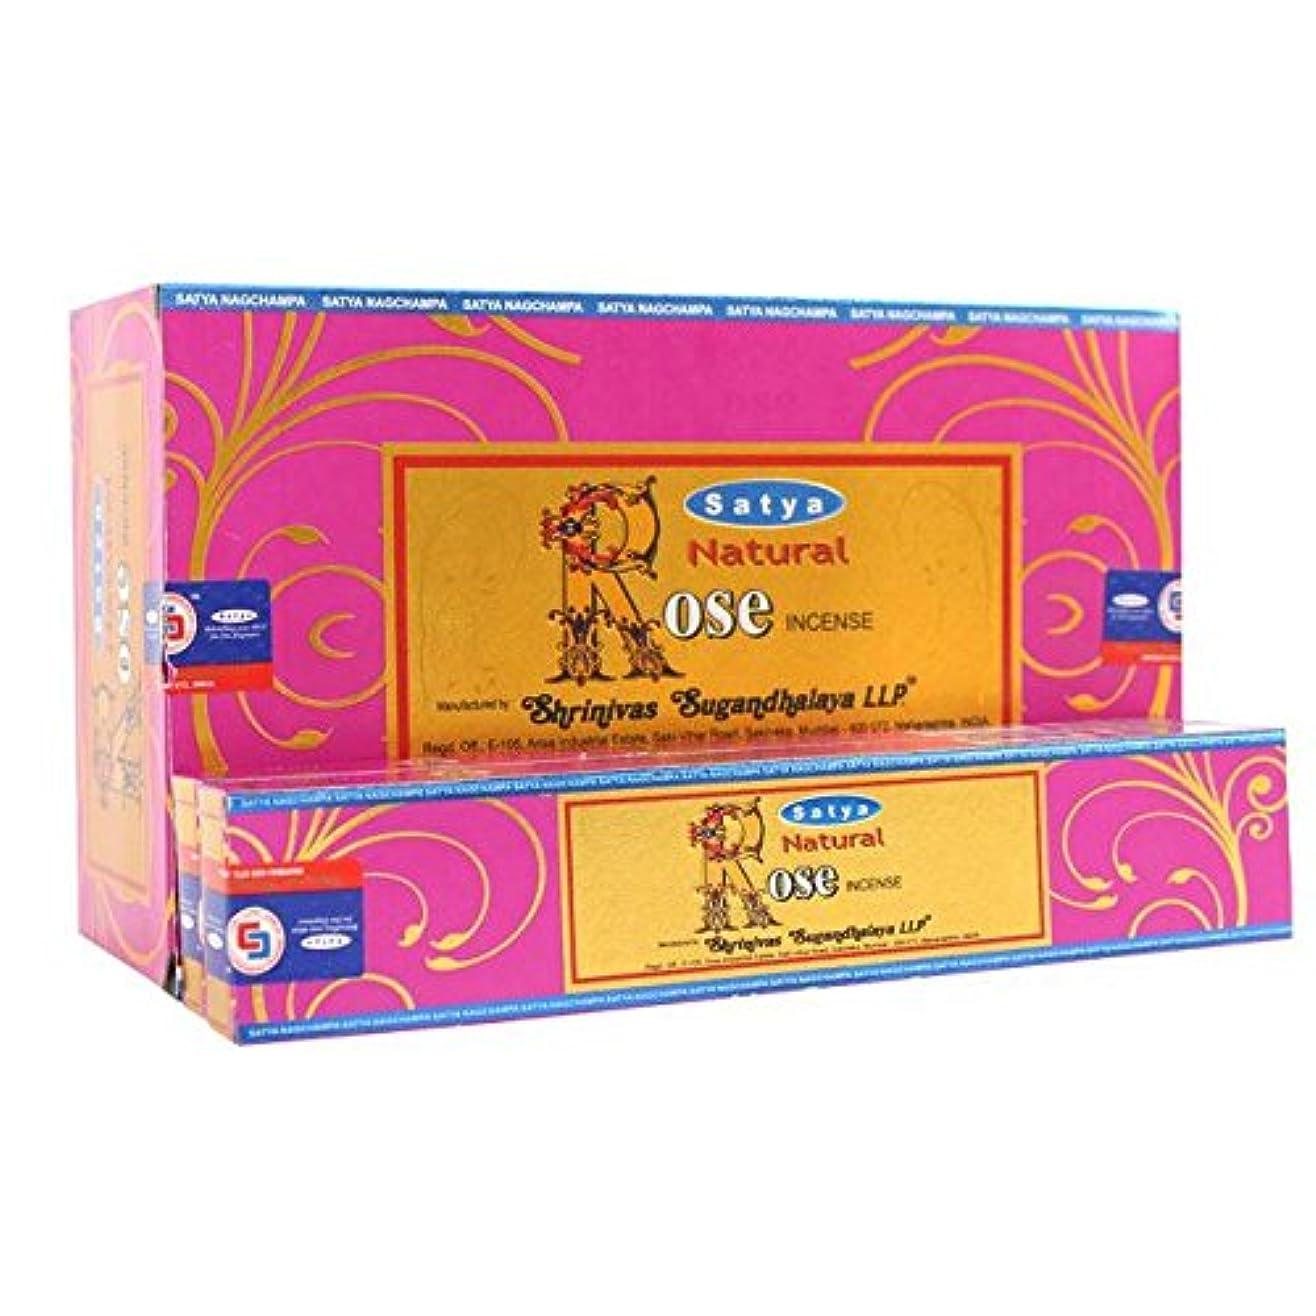 仕様絶妙回転させるBox Of 12 Packs Of Natural Rose Incense Sticks By Satya